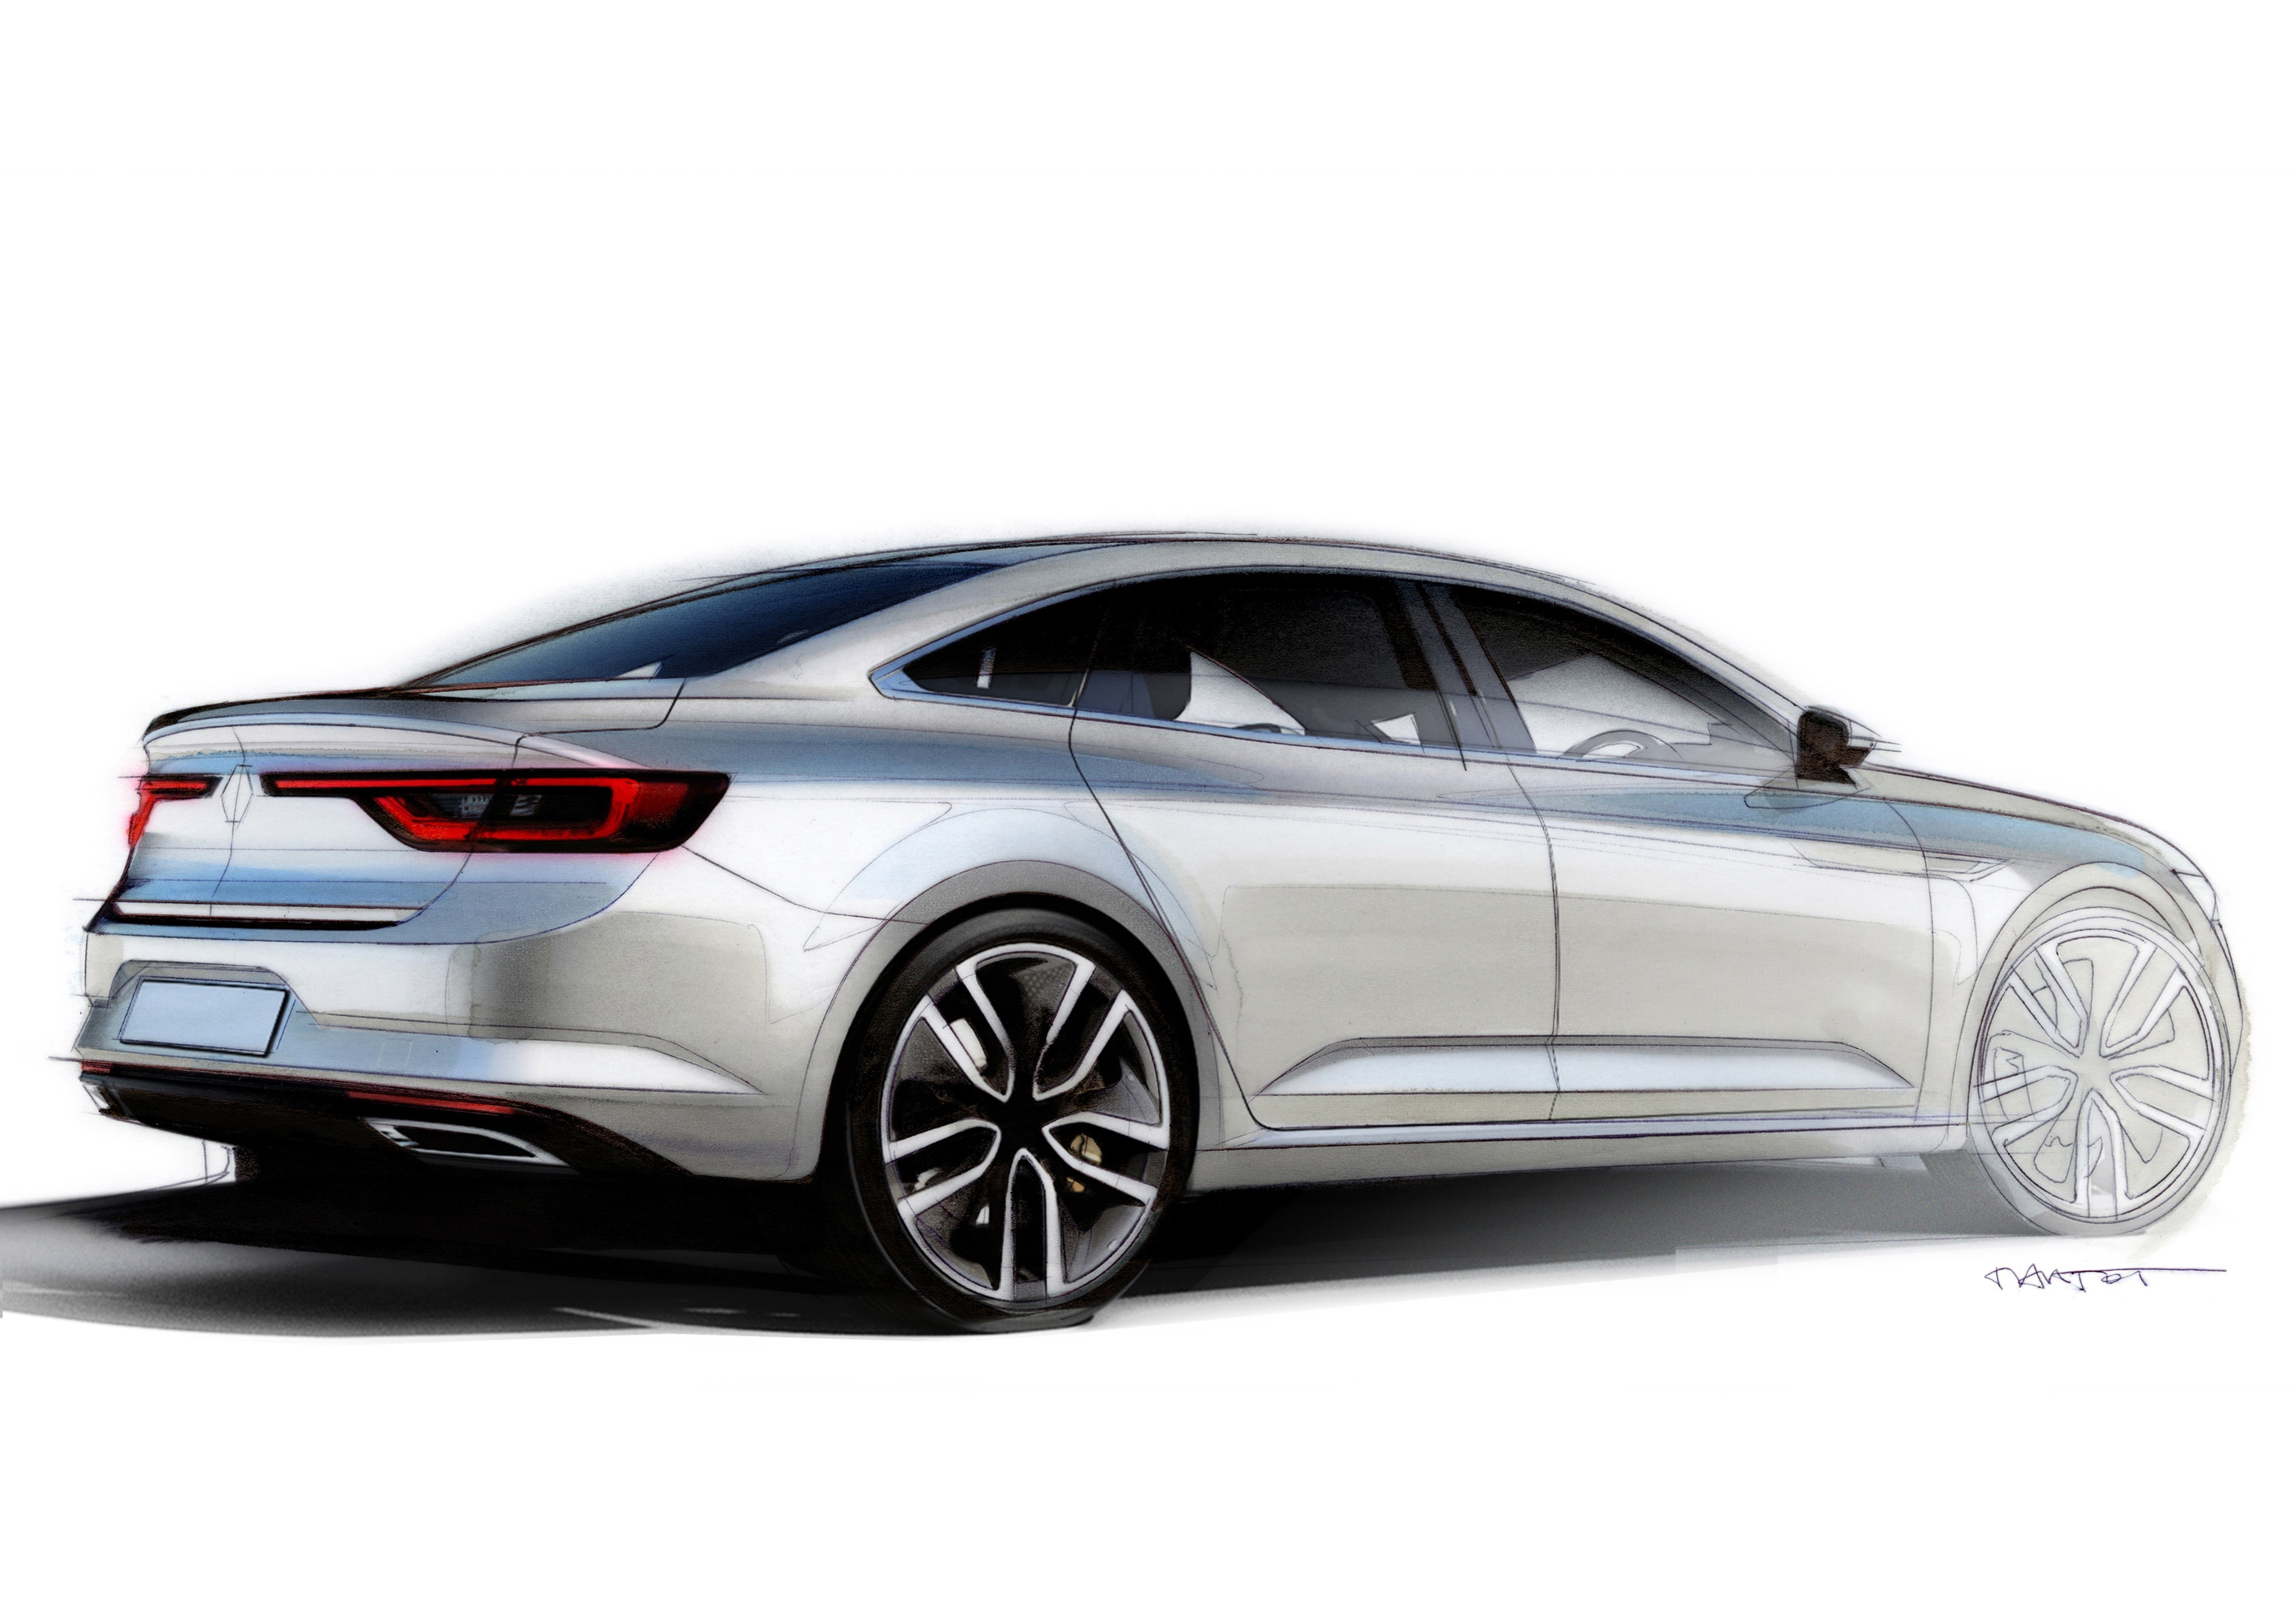 2016 Renault Talisman Replaces The Laguna Sedan Video